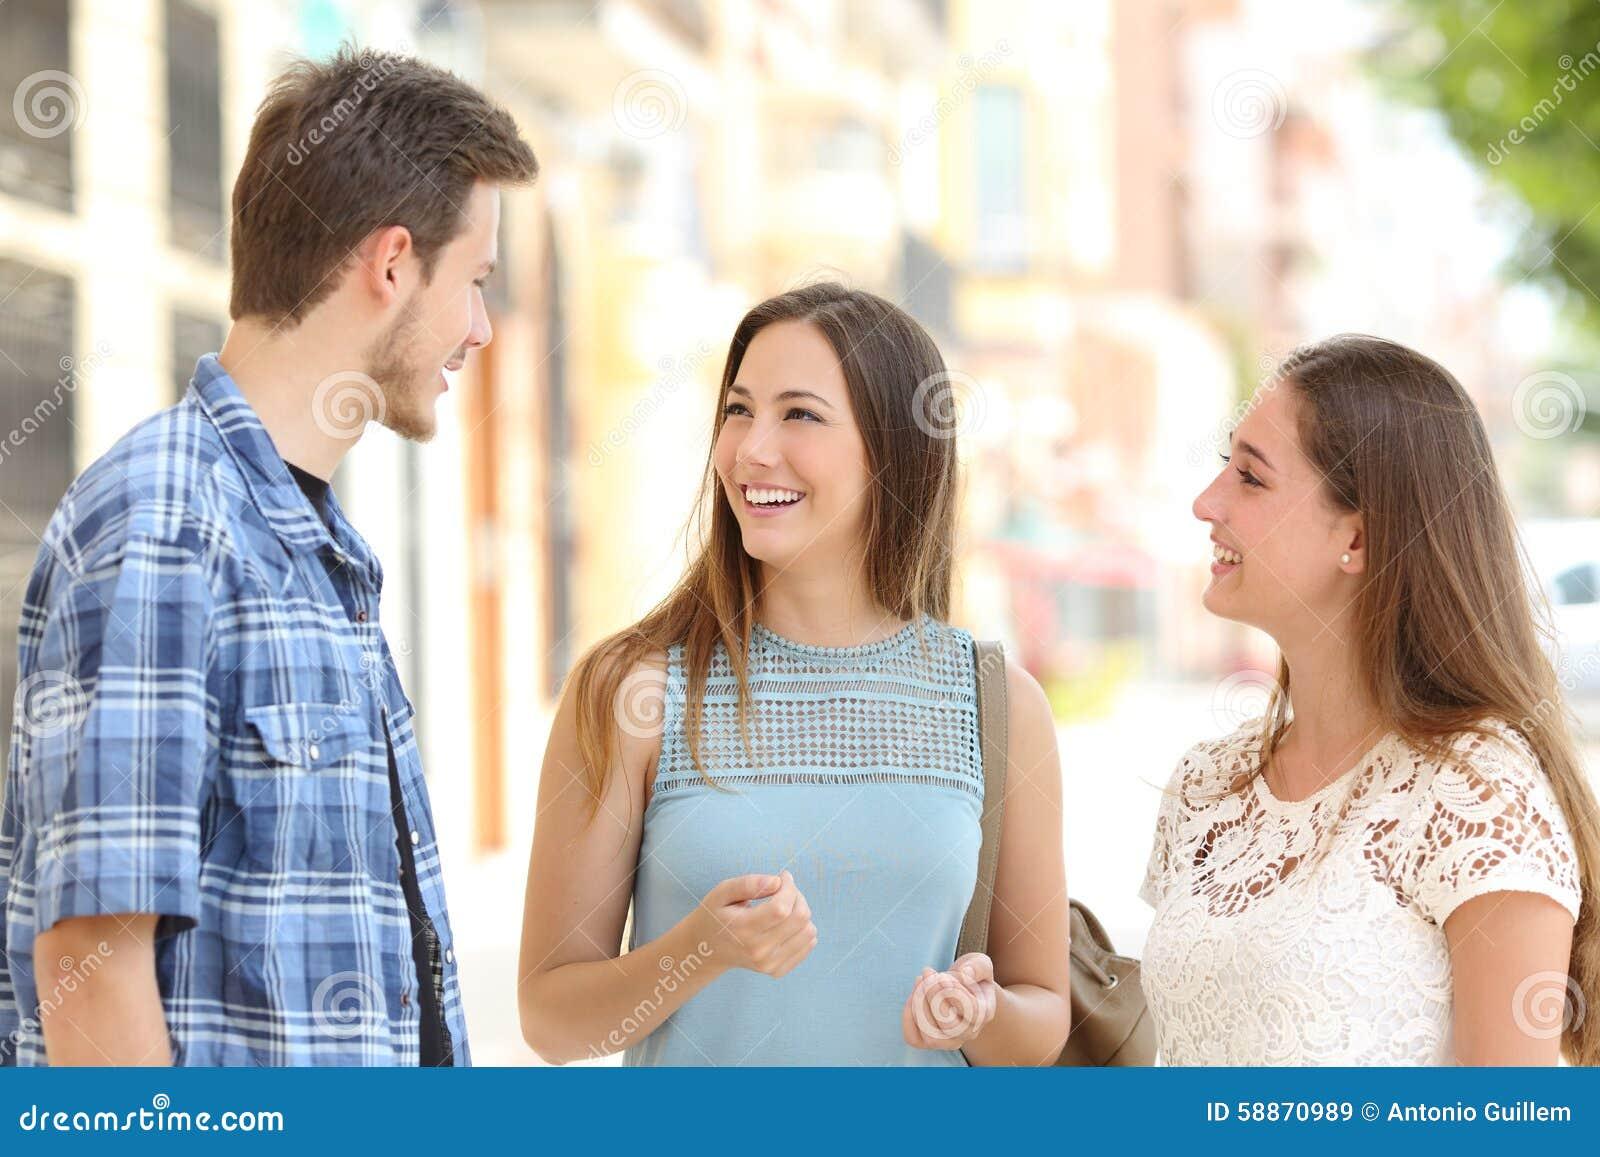 Τρεις φίλοι που μιλούν παίρνοντας μια συνομιλία στην οδό